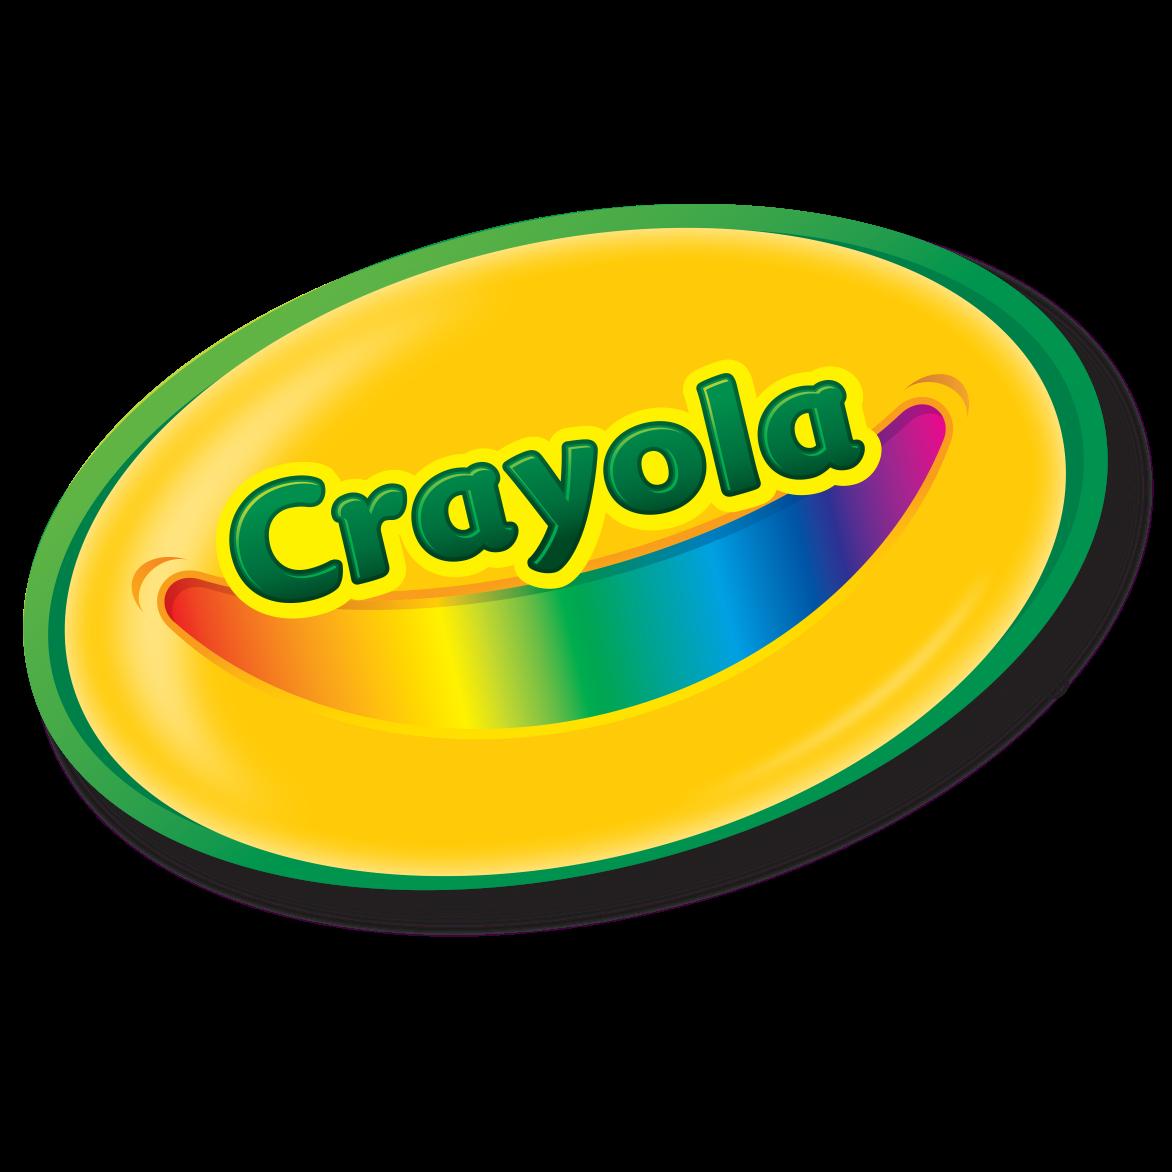 Crayola emoji maker review. Crayon clipart caddy